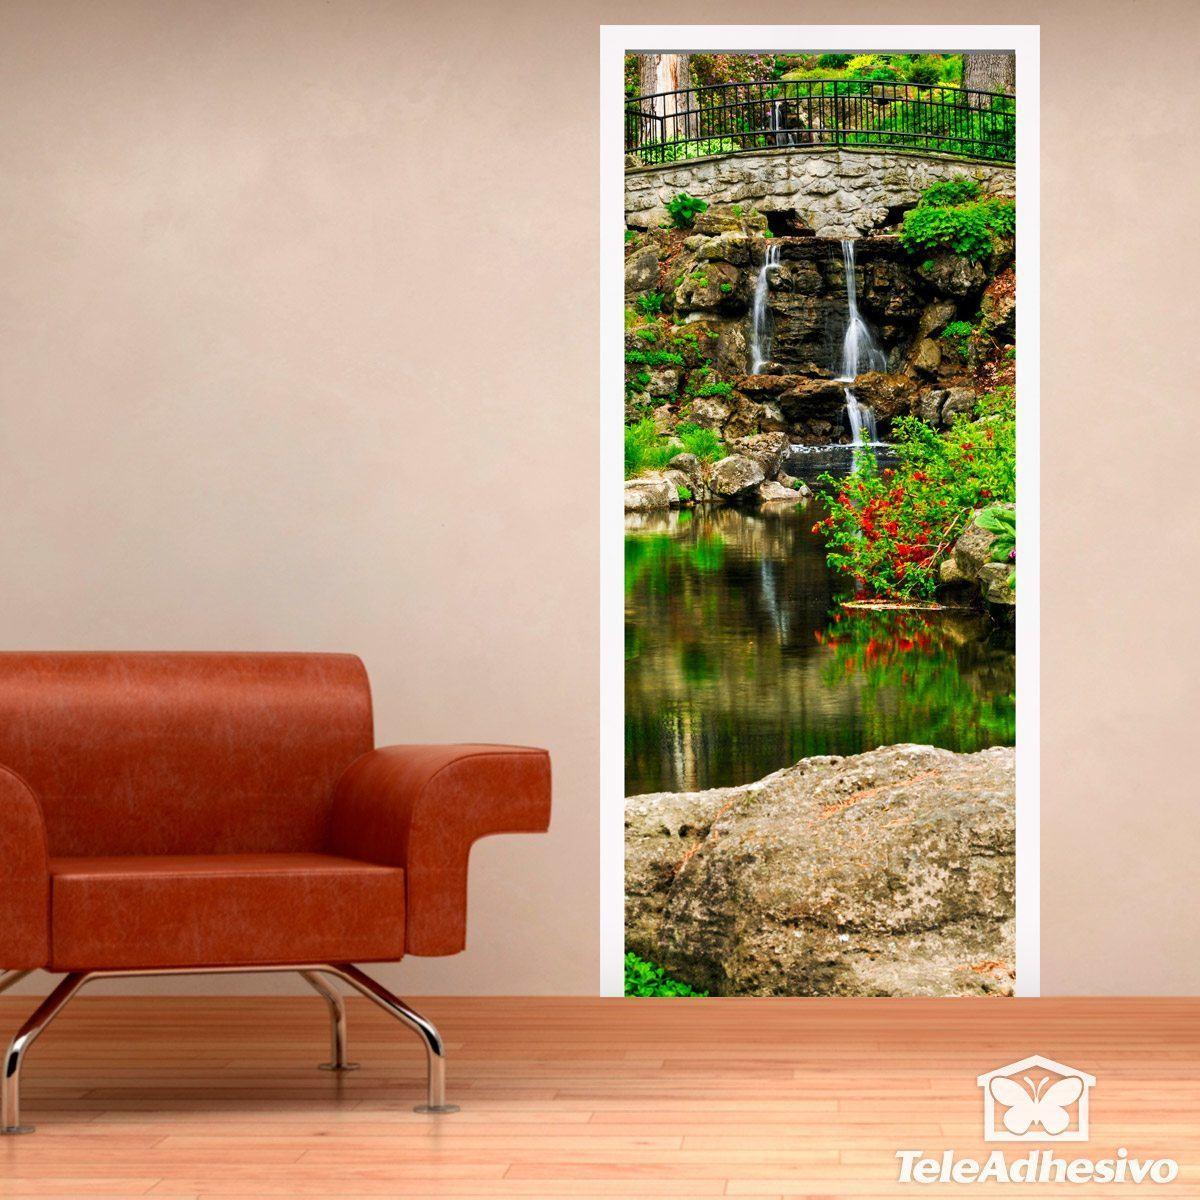 Wandtattoos: Tür Teich und Gärten